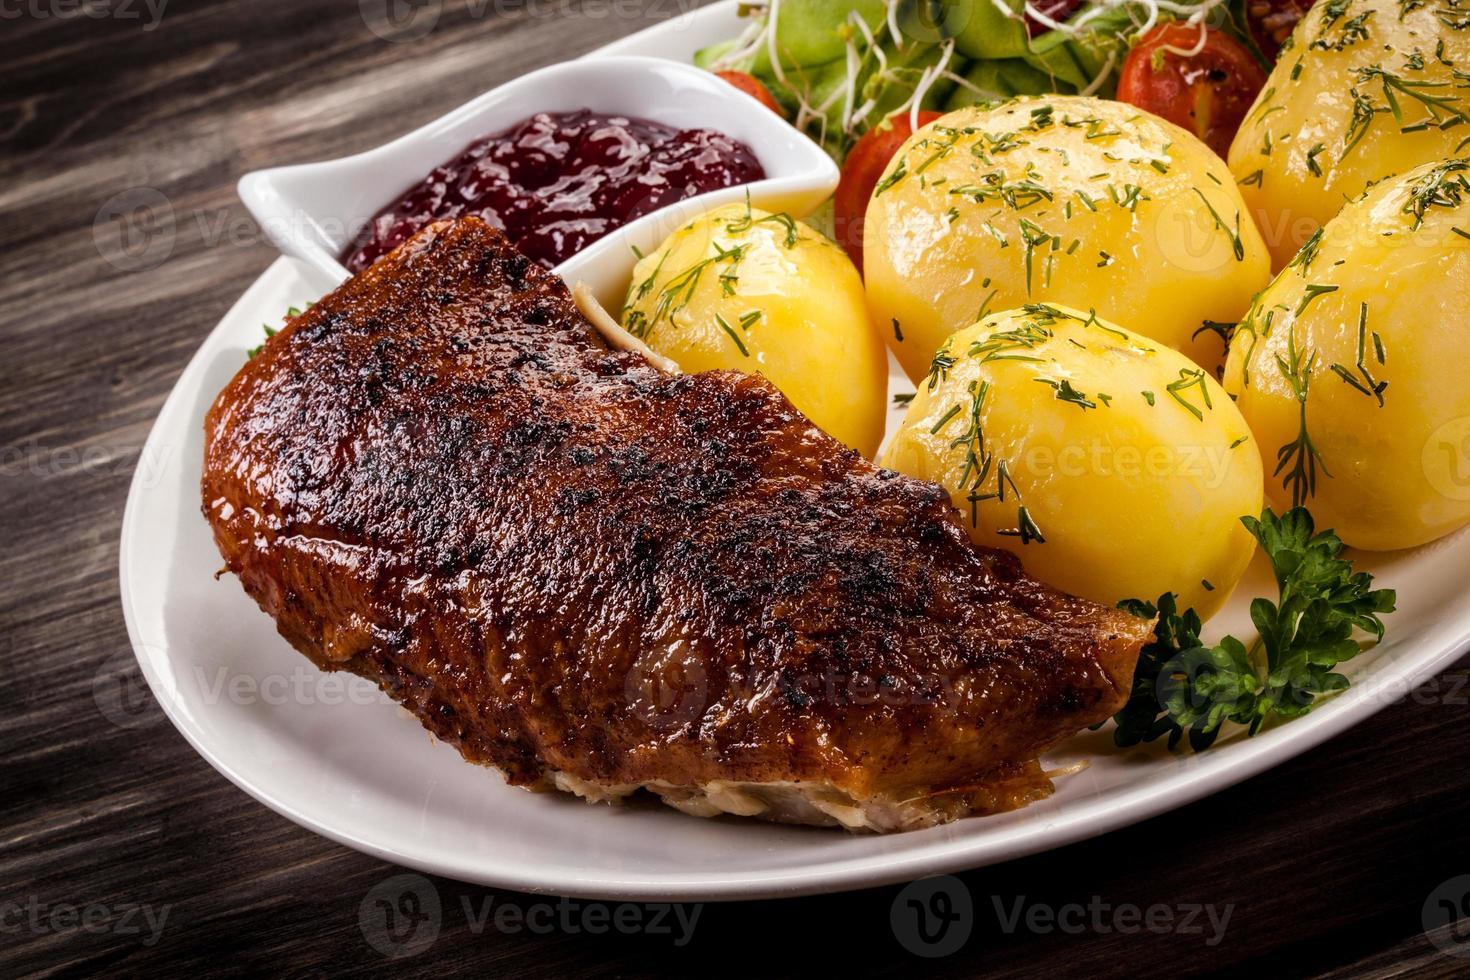 filetto d'anatra arrosto, patate lesse e insalata di verdure foto